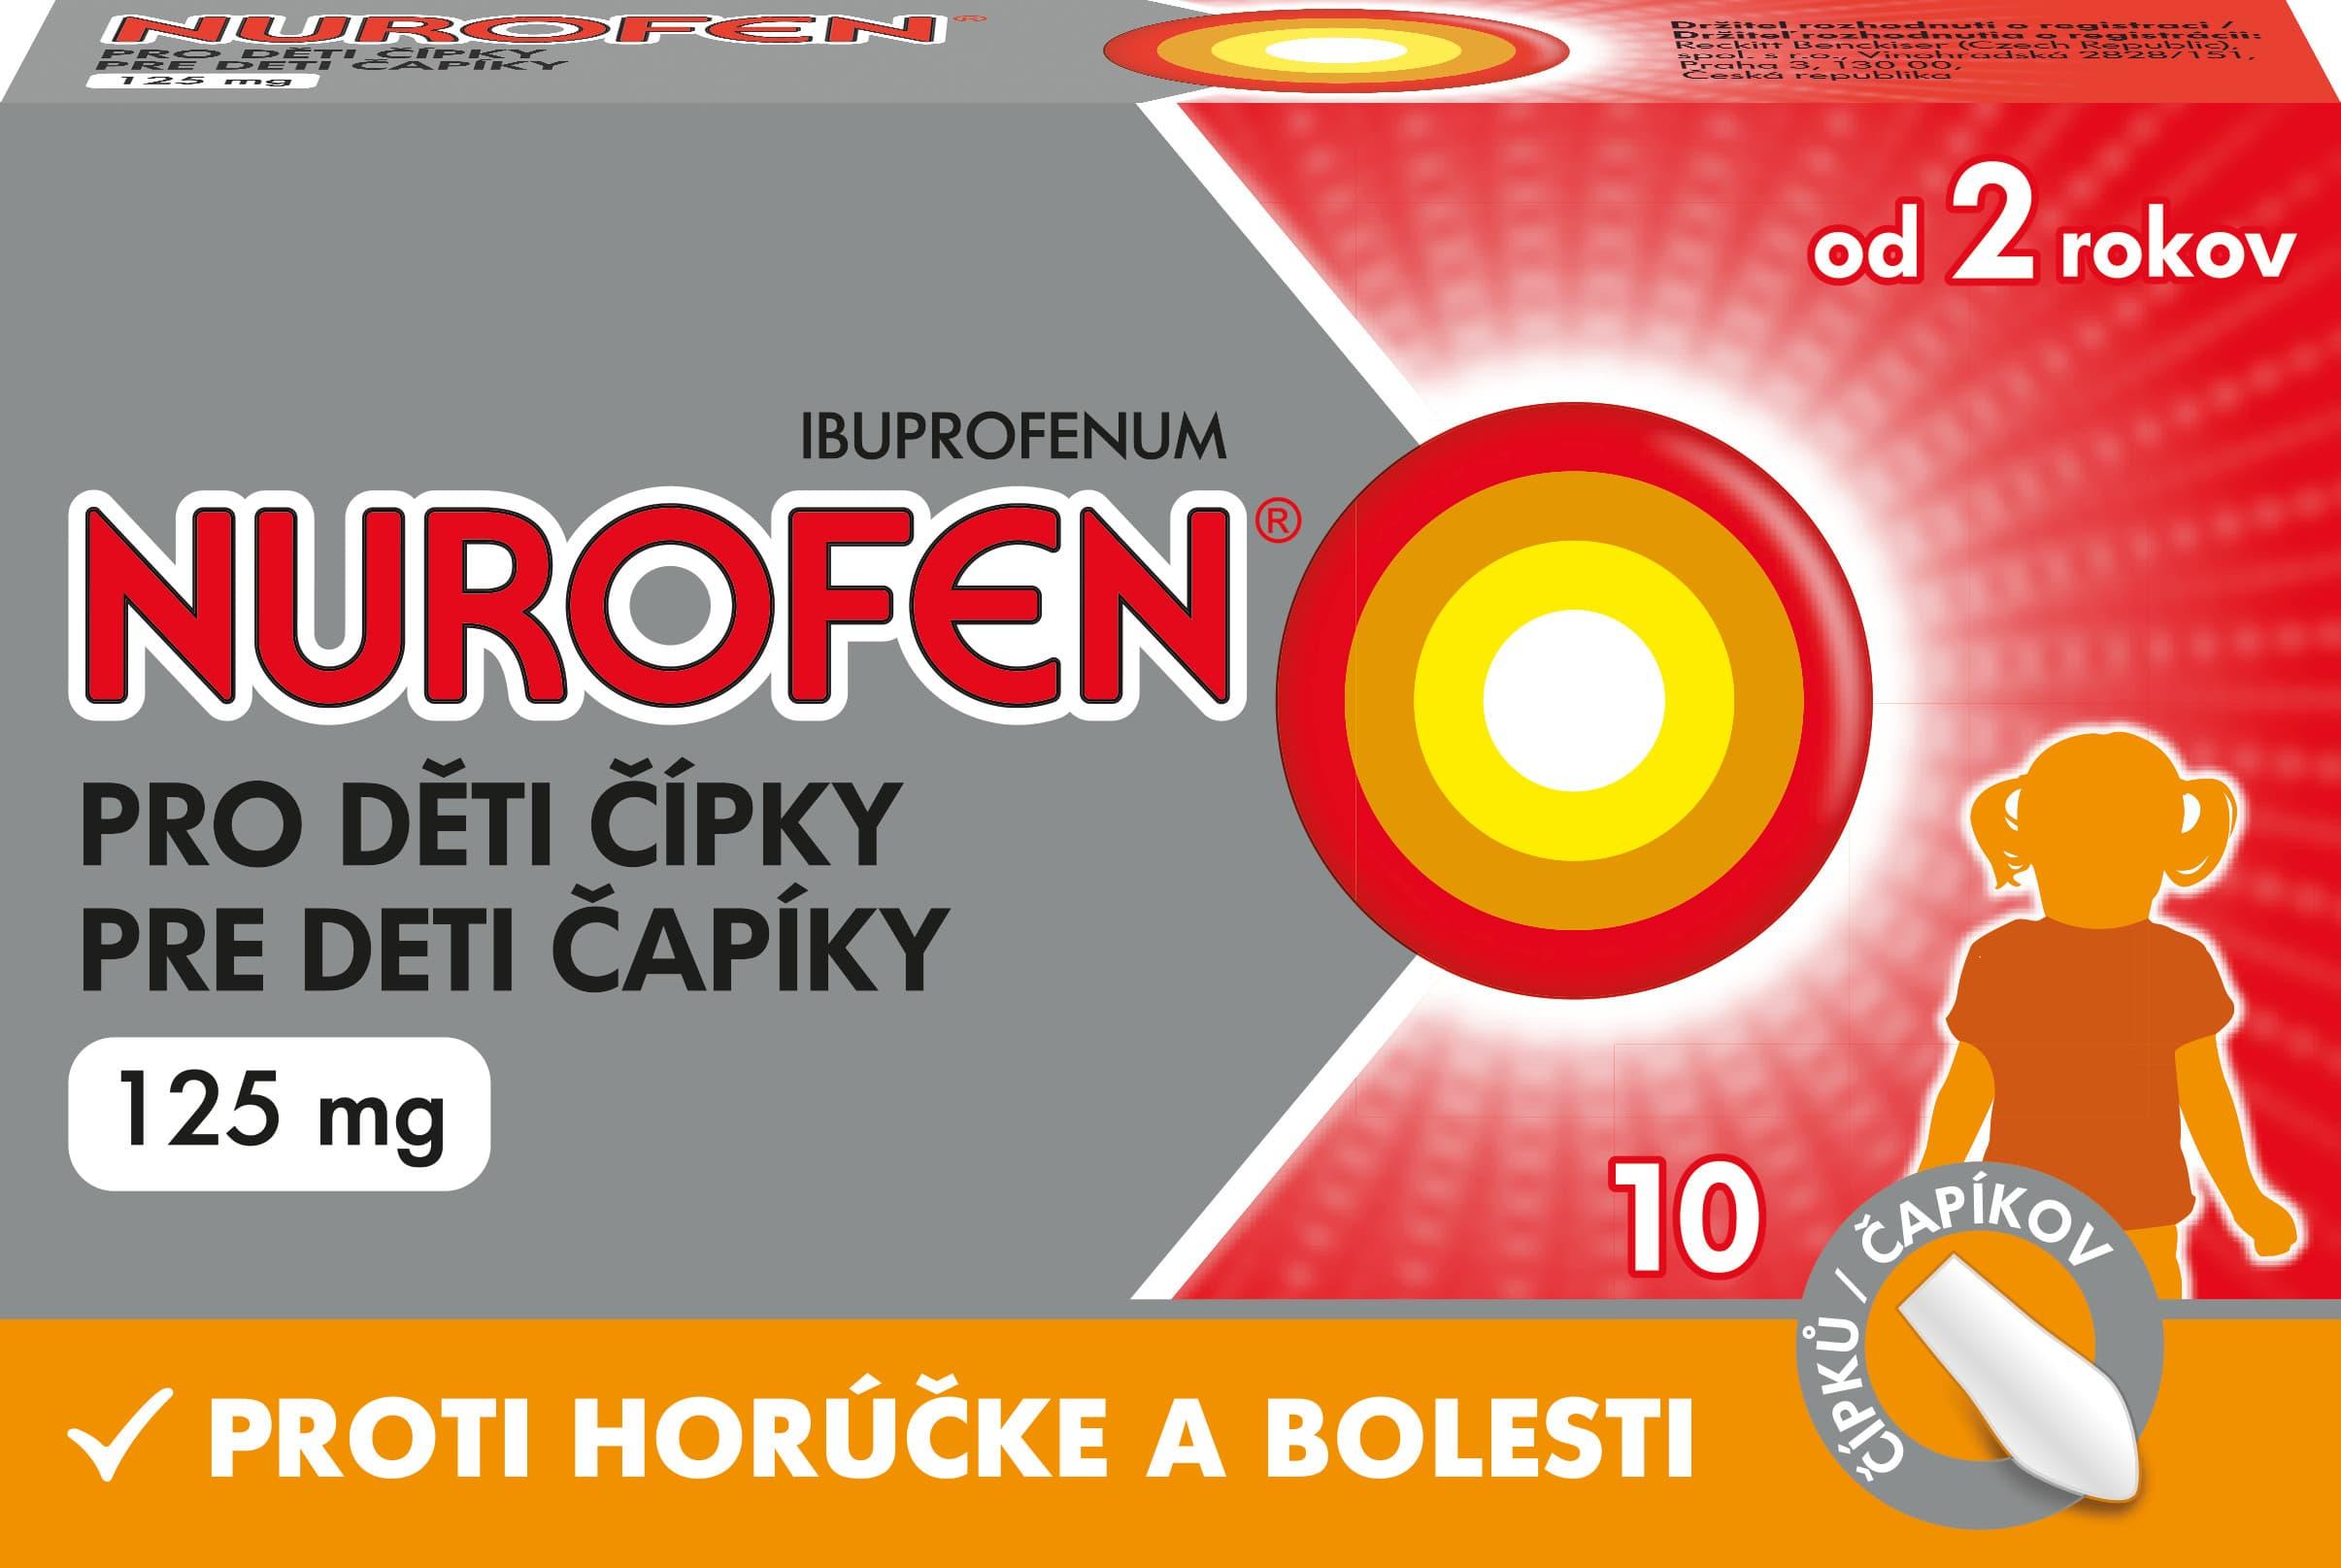 NUROFEN pre deti čapíky 125 mg sup 10 ks